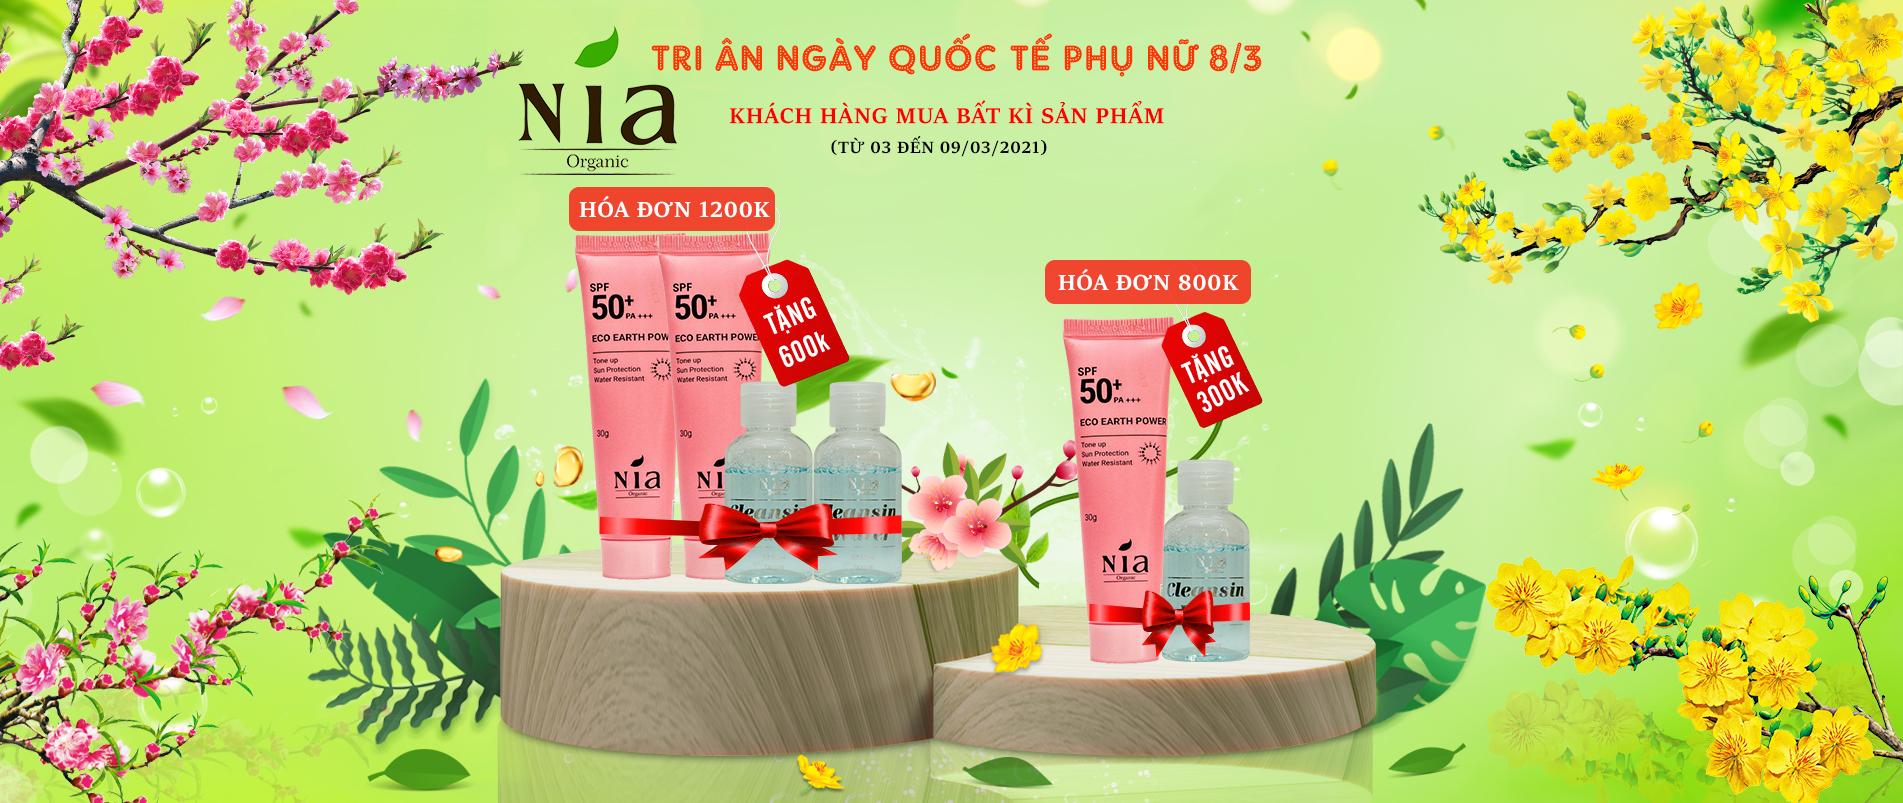 Mỹ phẩm hữu cơ Nia Organic - 100% chiết xuất từ thiên nhiên